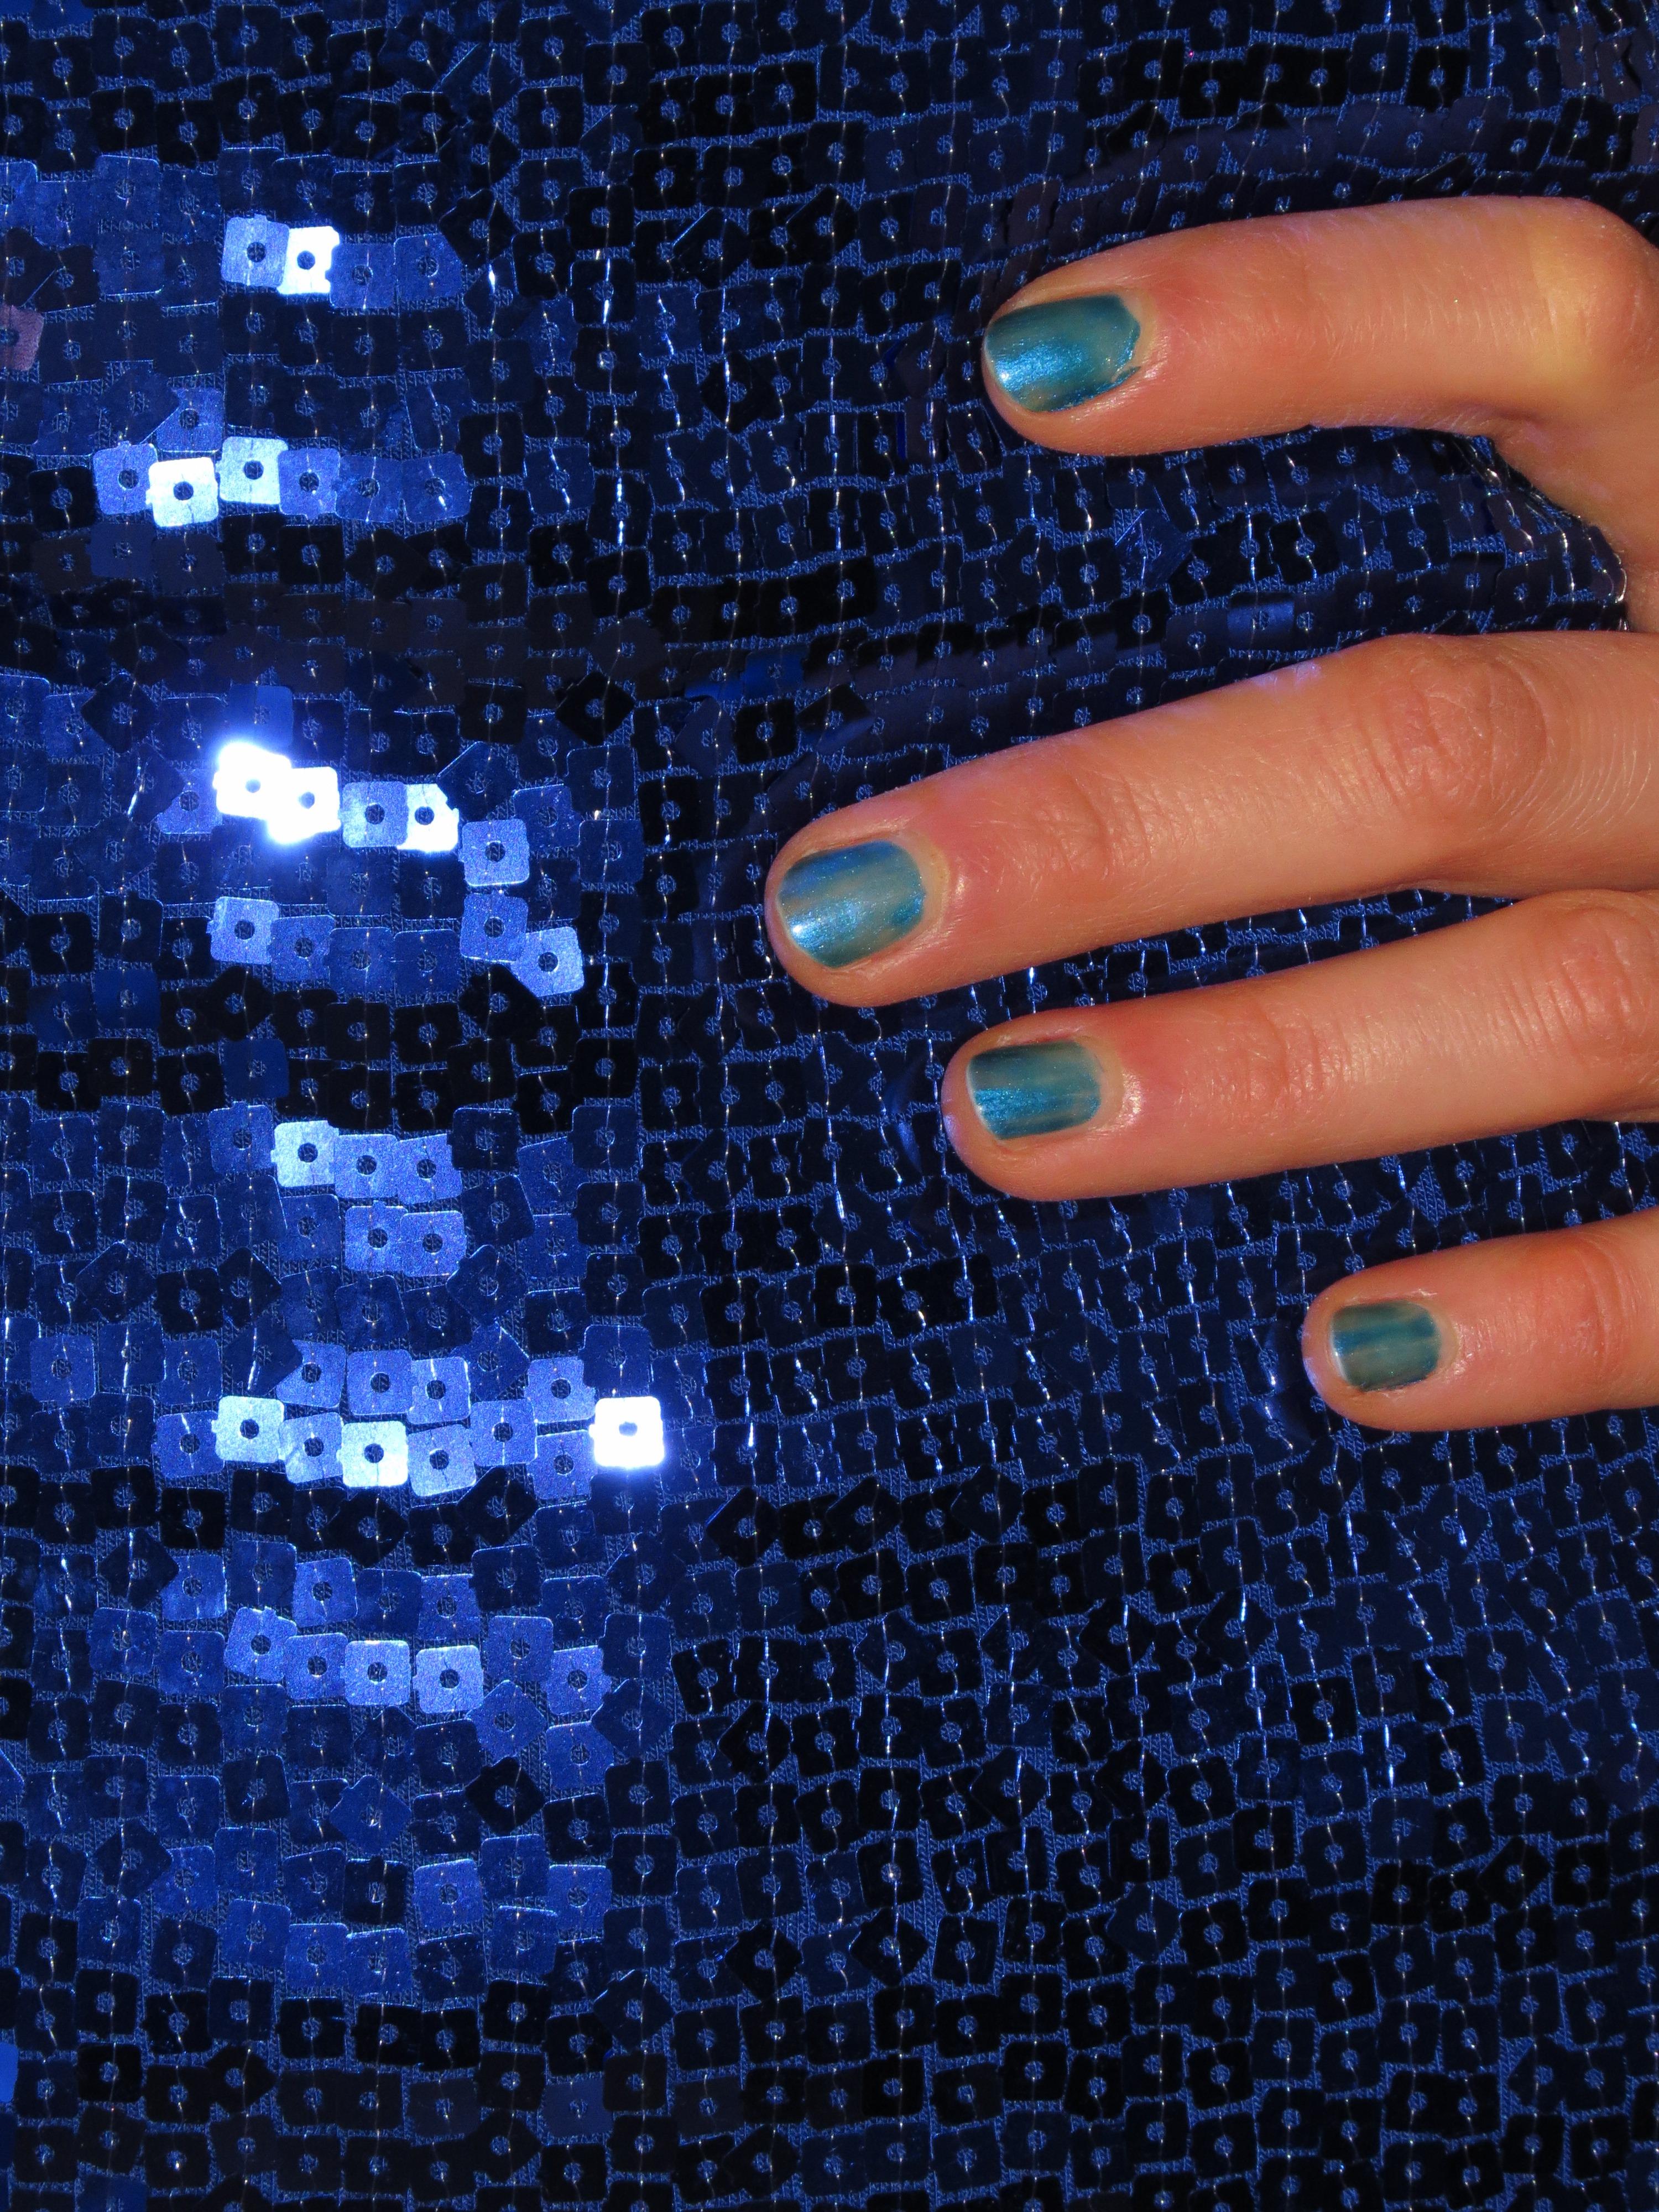 Fotos gratis : mano, patrón, dedo, color, Moda, azul, ropa, uña ...